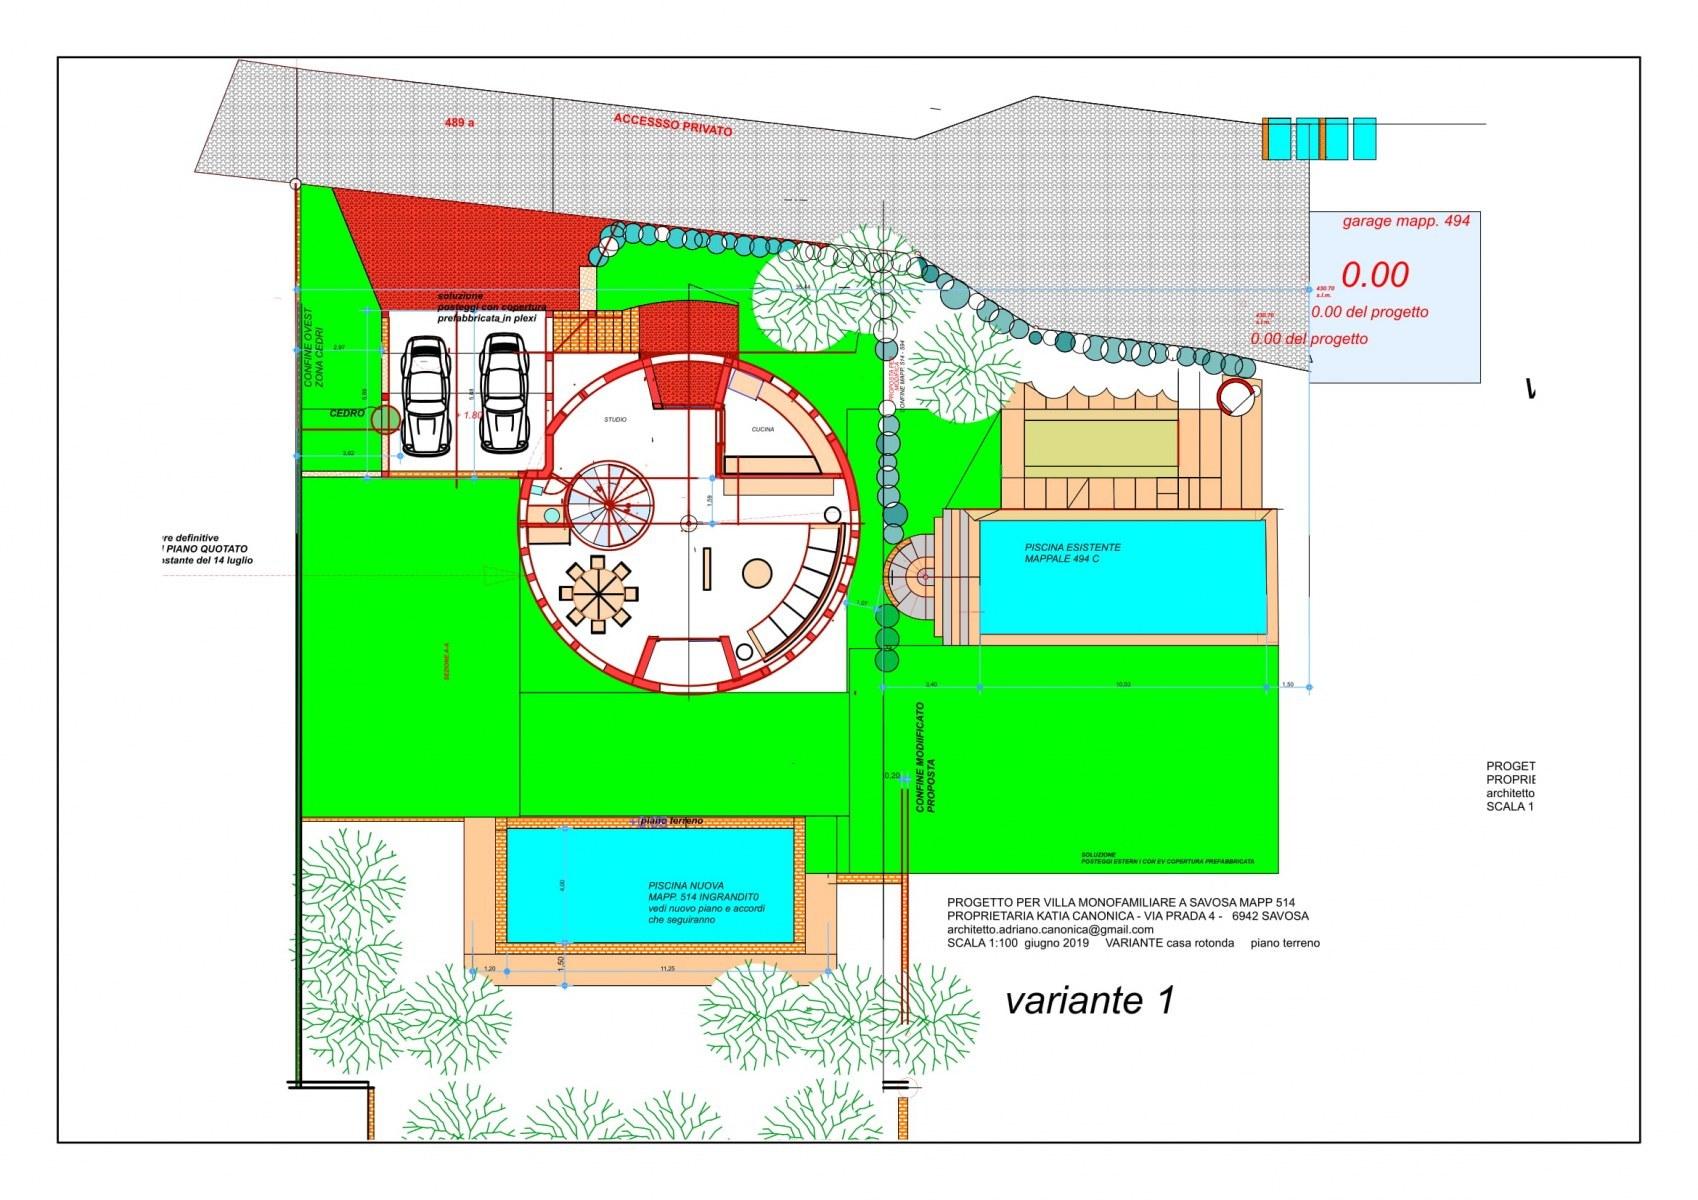 casa-rotonda-piano-di-situazione-1-200-pt-1